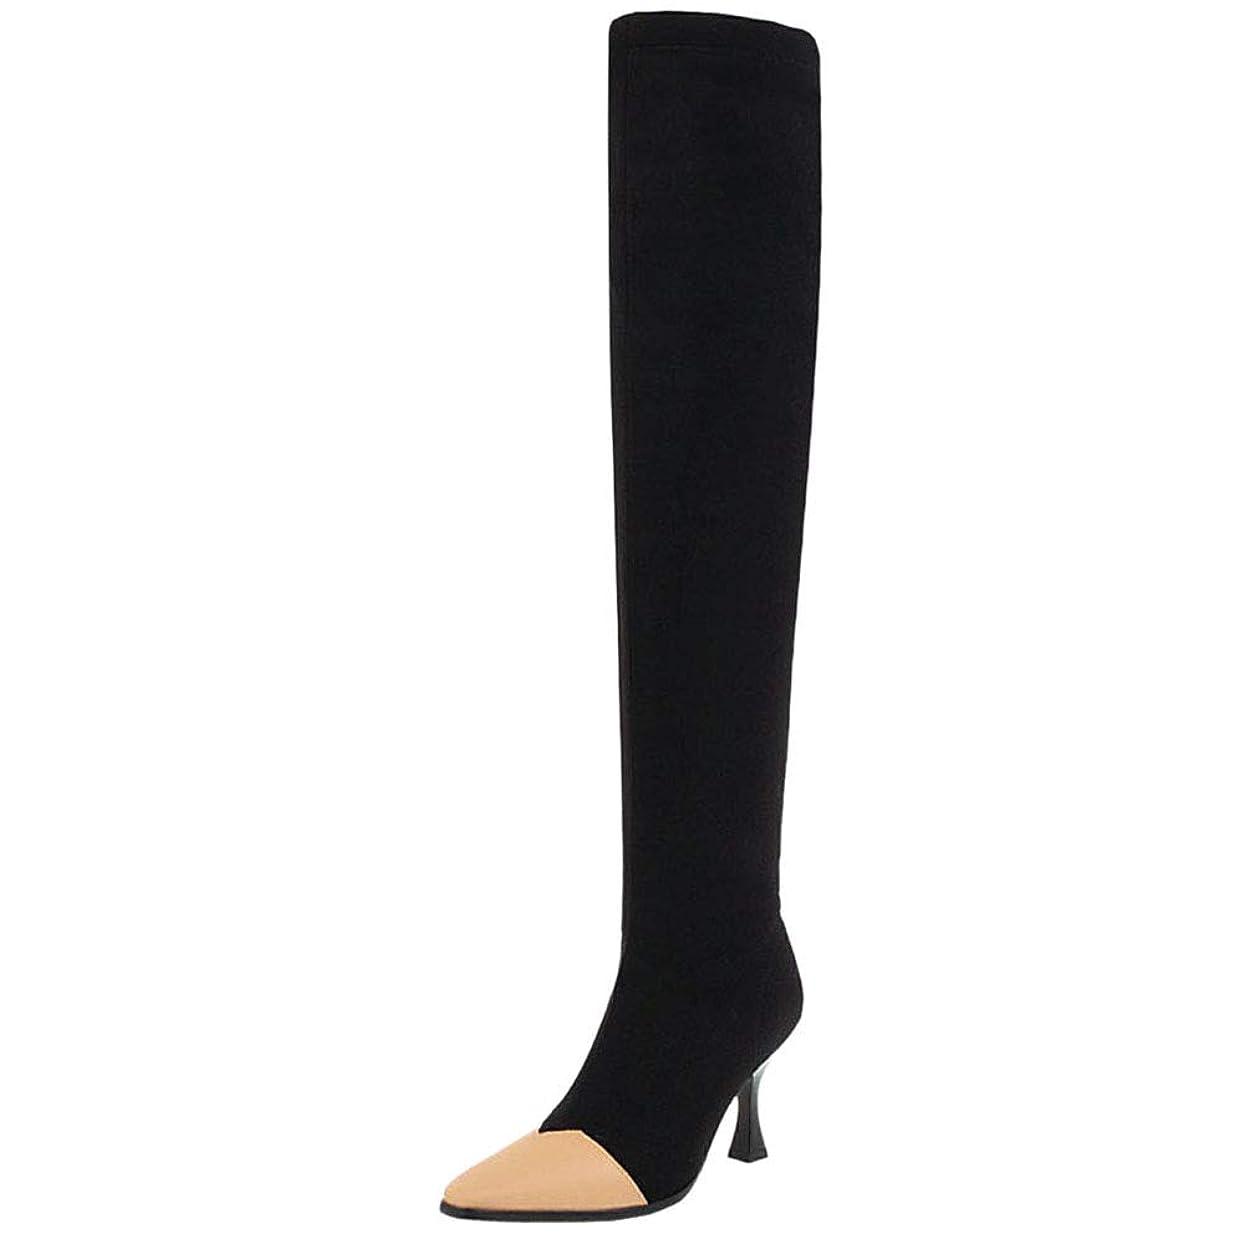 資料もう一度シーフード[FANIMILA] レディース ファッション ストレッチ ニーハイブーツ デザインヒール 脚痩せ